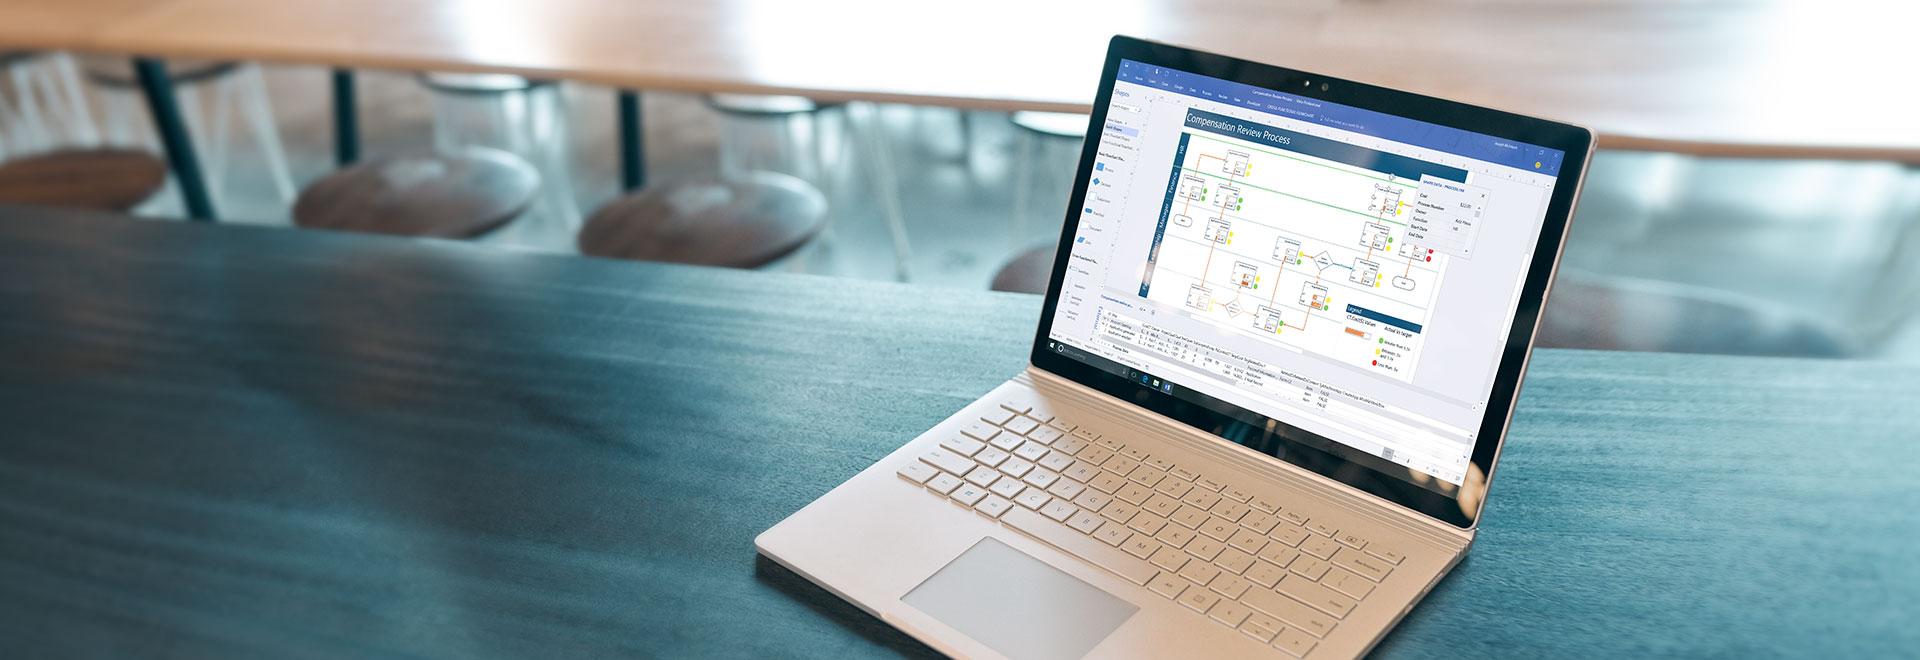 แล็ปท็อปแสดงไดอะแกรมขั้นตอนการดำเนินการใน Visio Pro for Office 365